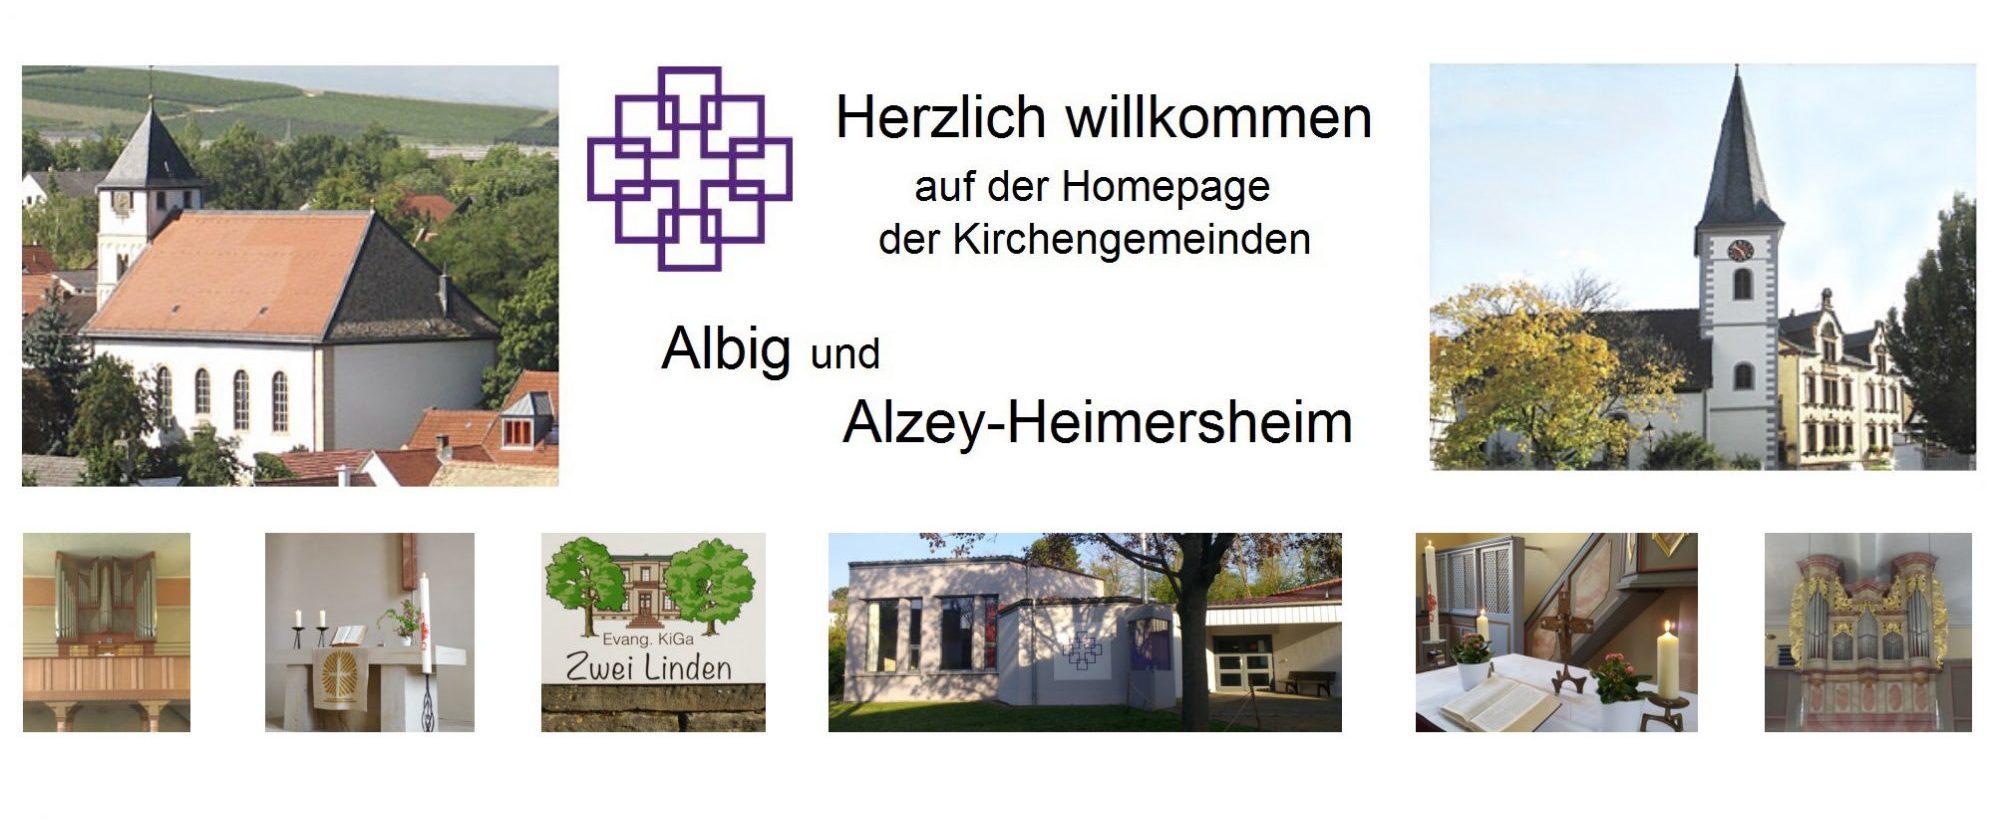 Kirchengemeinden Albig/Heimersheim